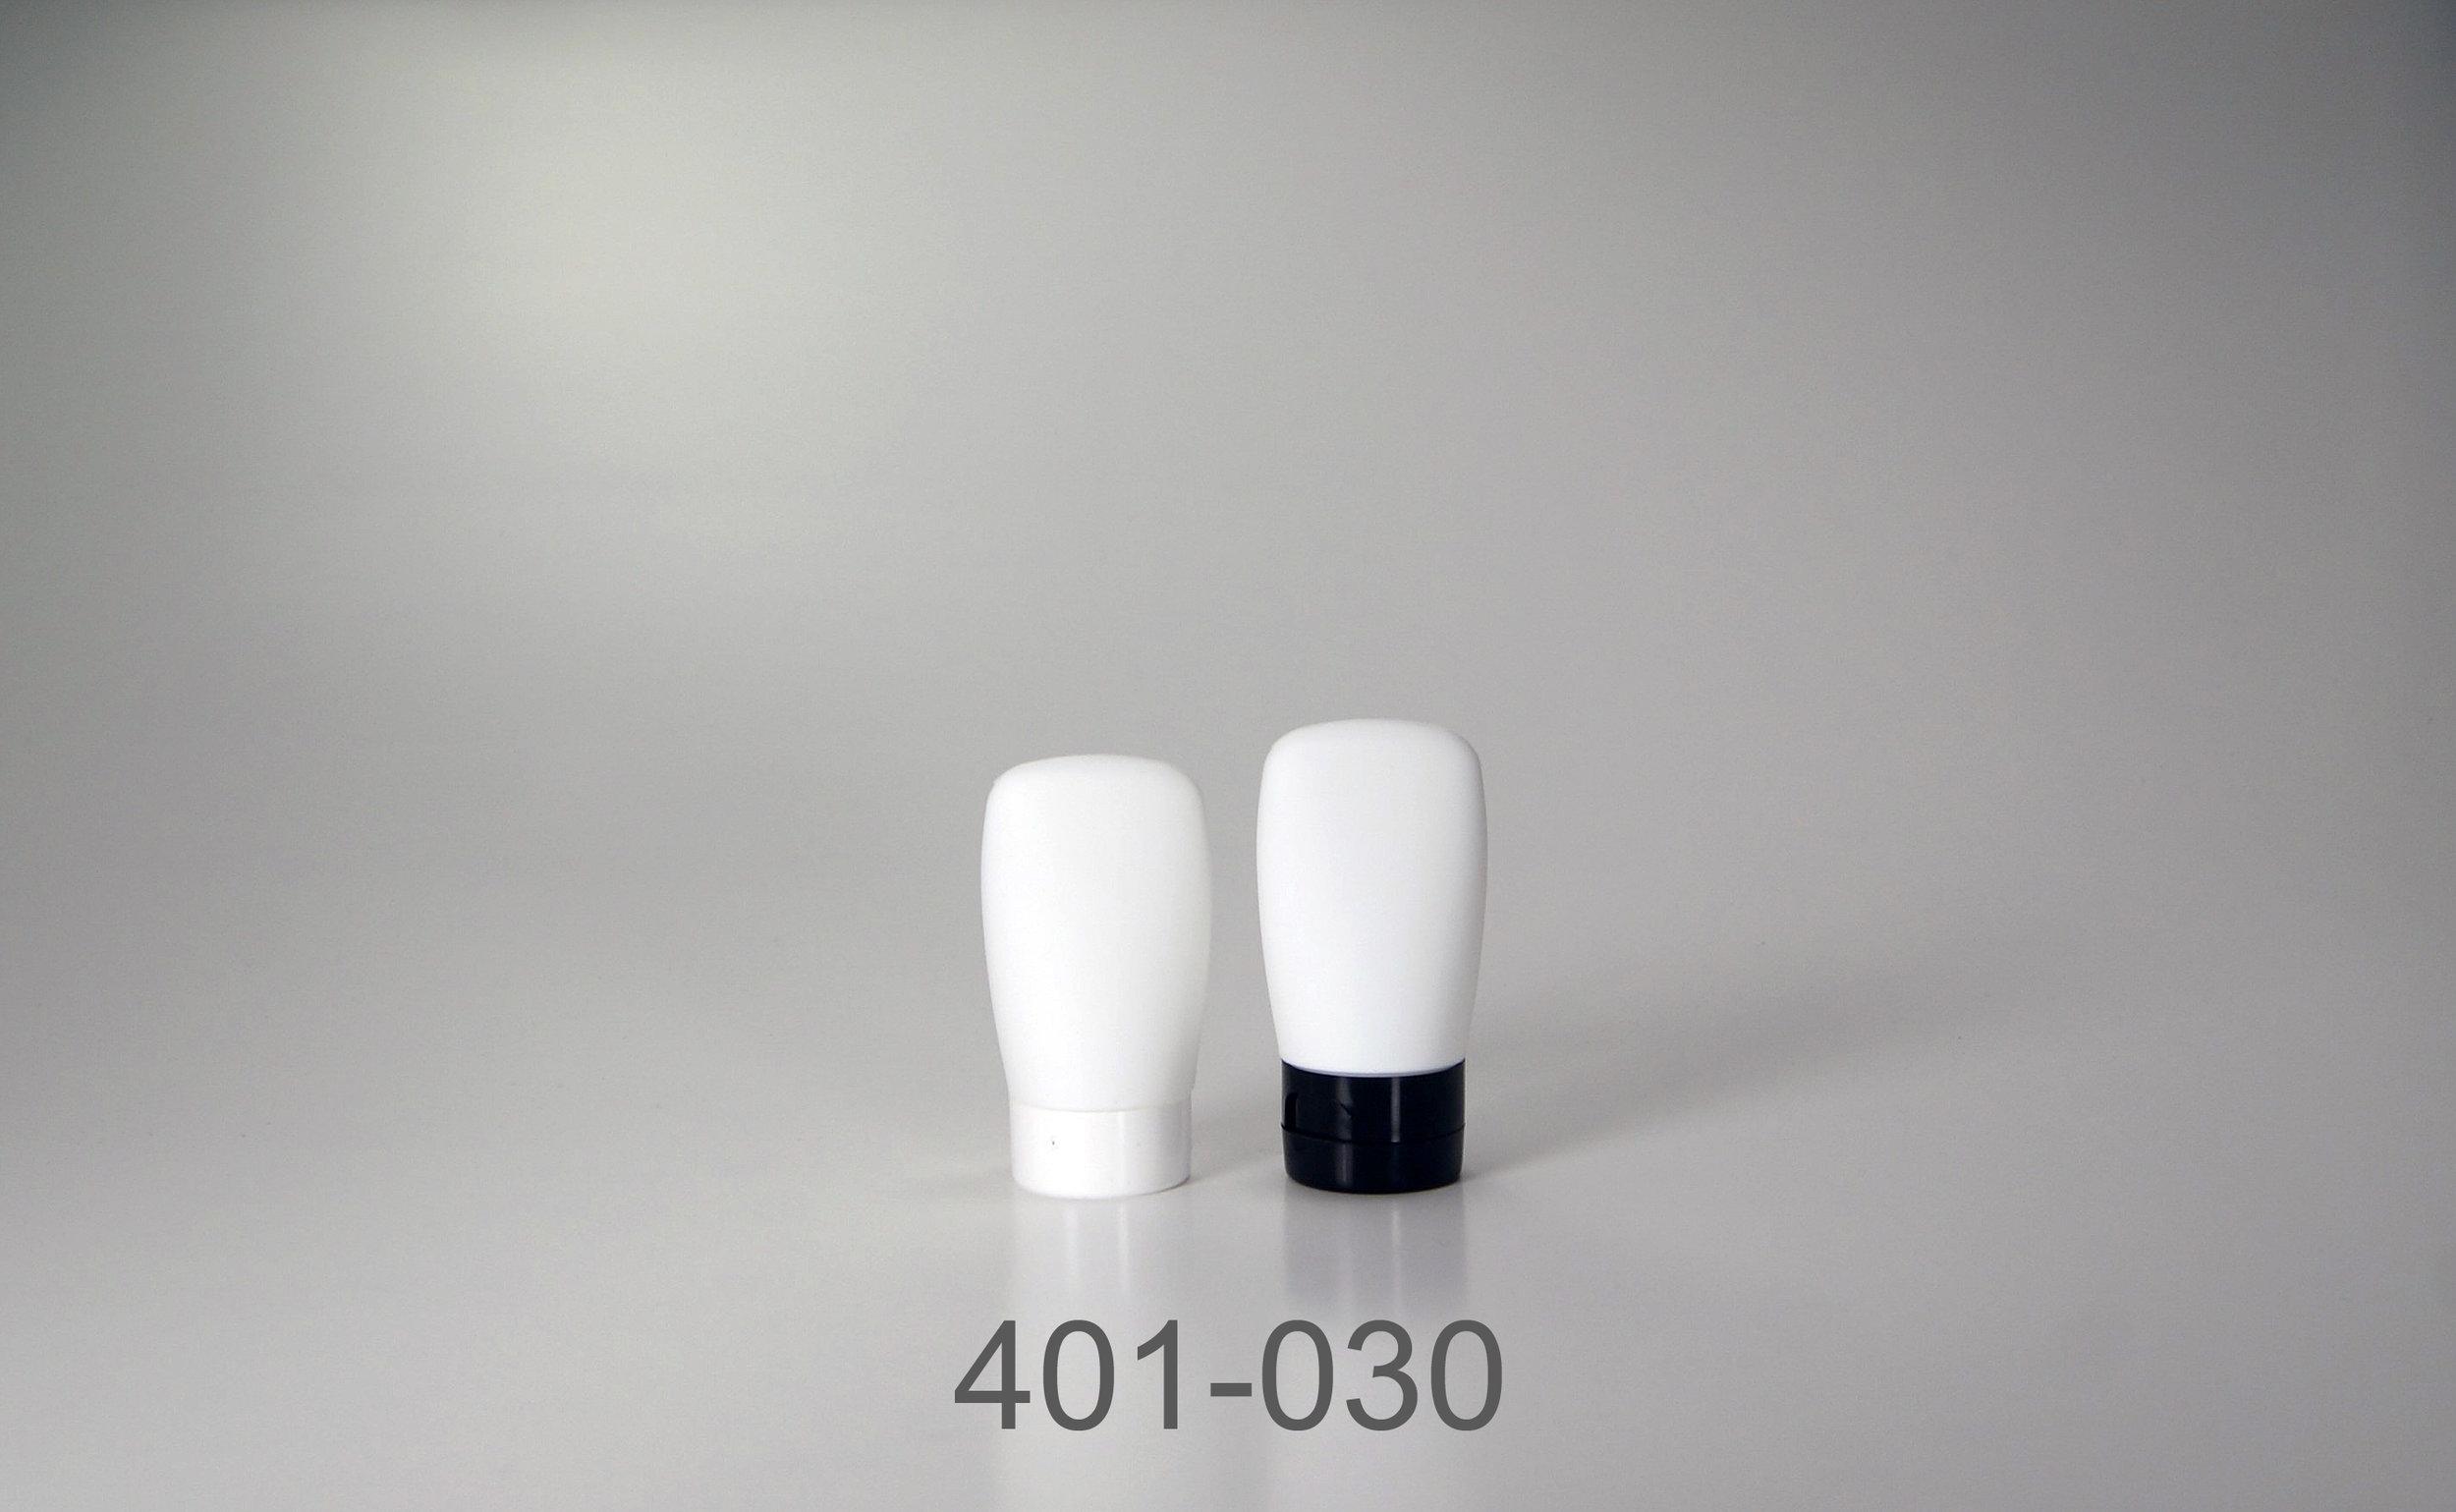 401-030.jpg